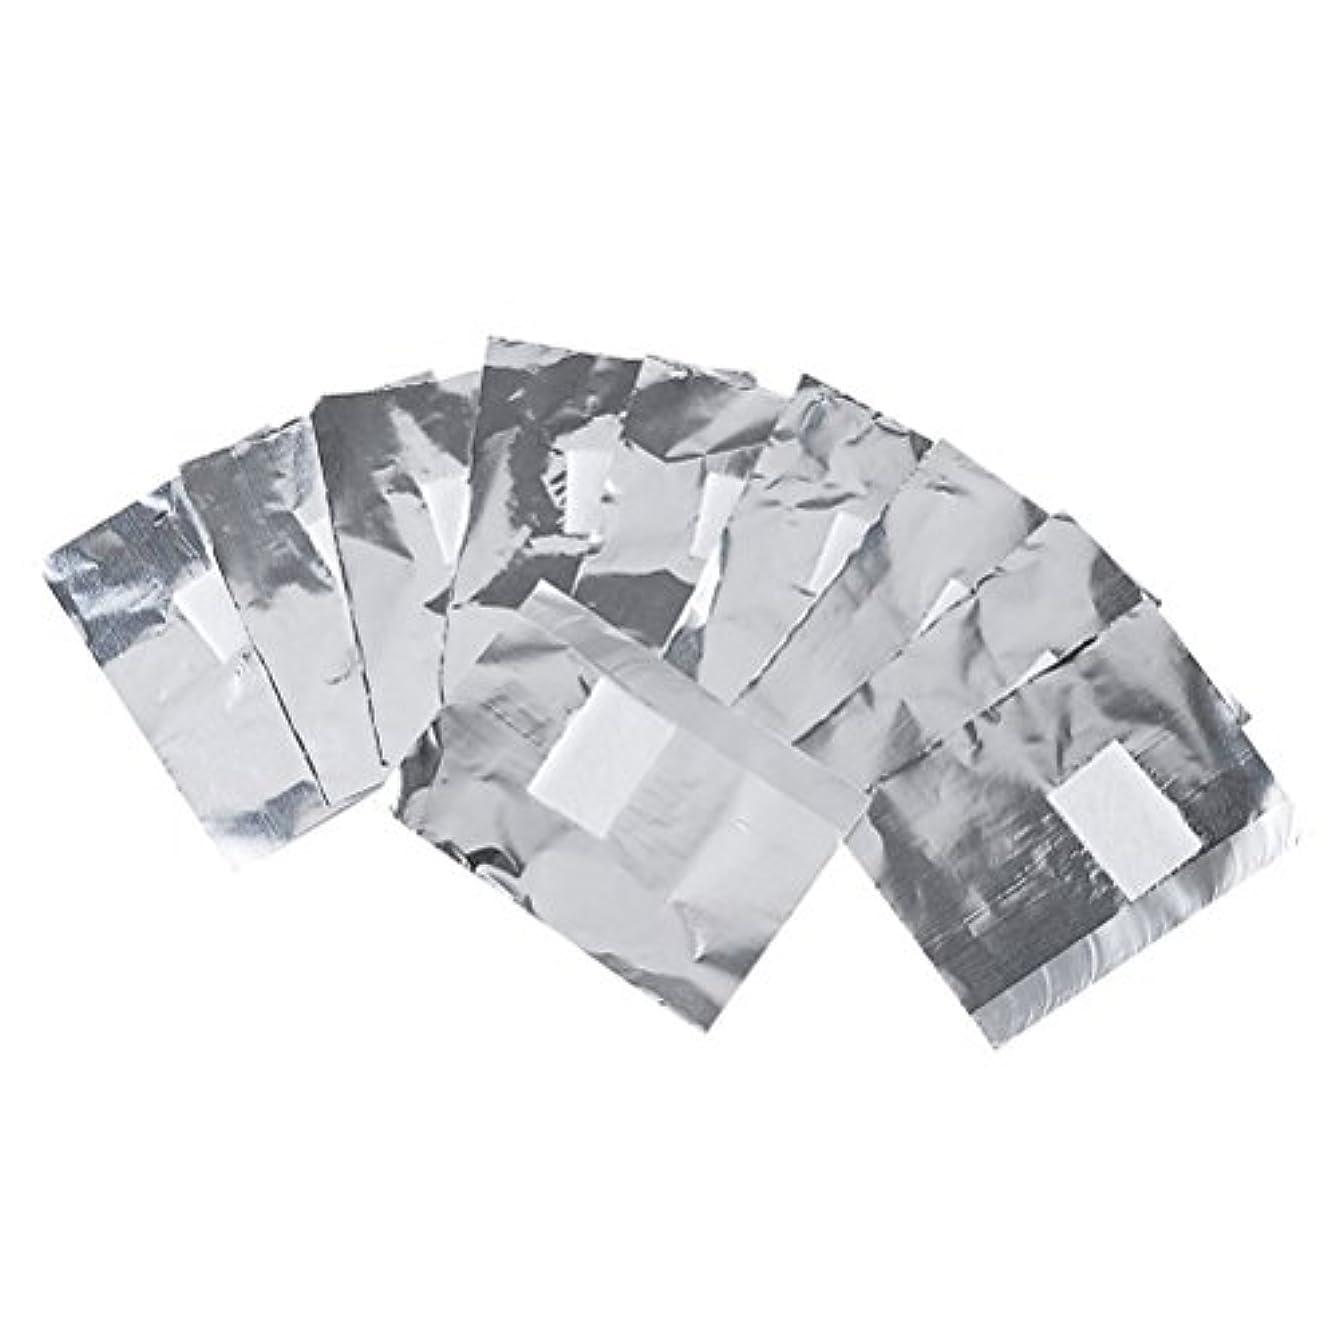 バブルナインへ滞在Frcolor ネイルオフ ジェルオフリムーバー アクリルUVジェル ネイルポリッシュをきれいにオフする ジェル 使い捨て コットン付きアルミホイル ネイル用品 キューティクル 200枚